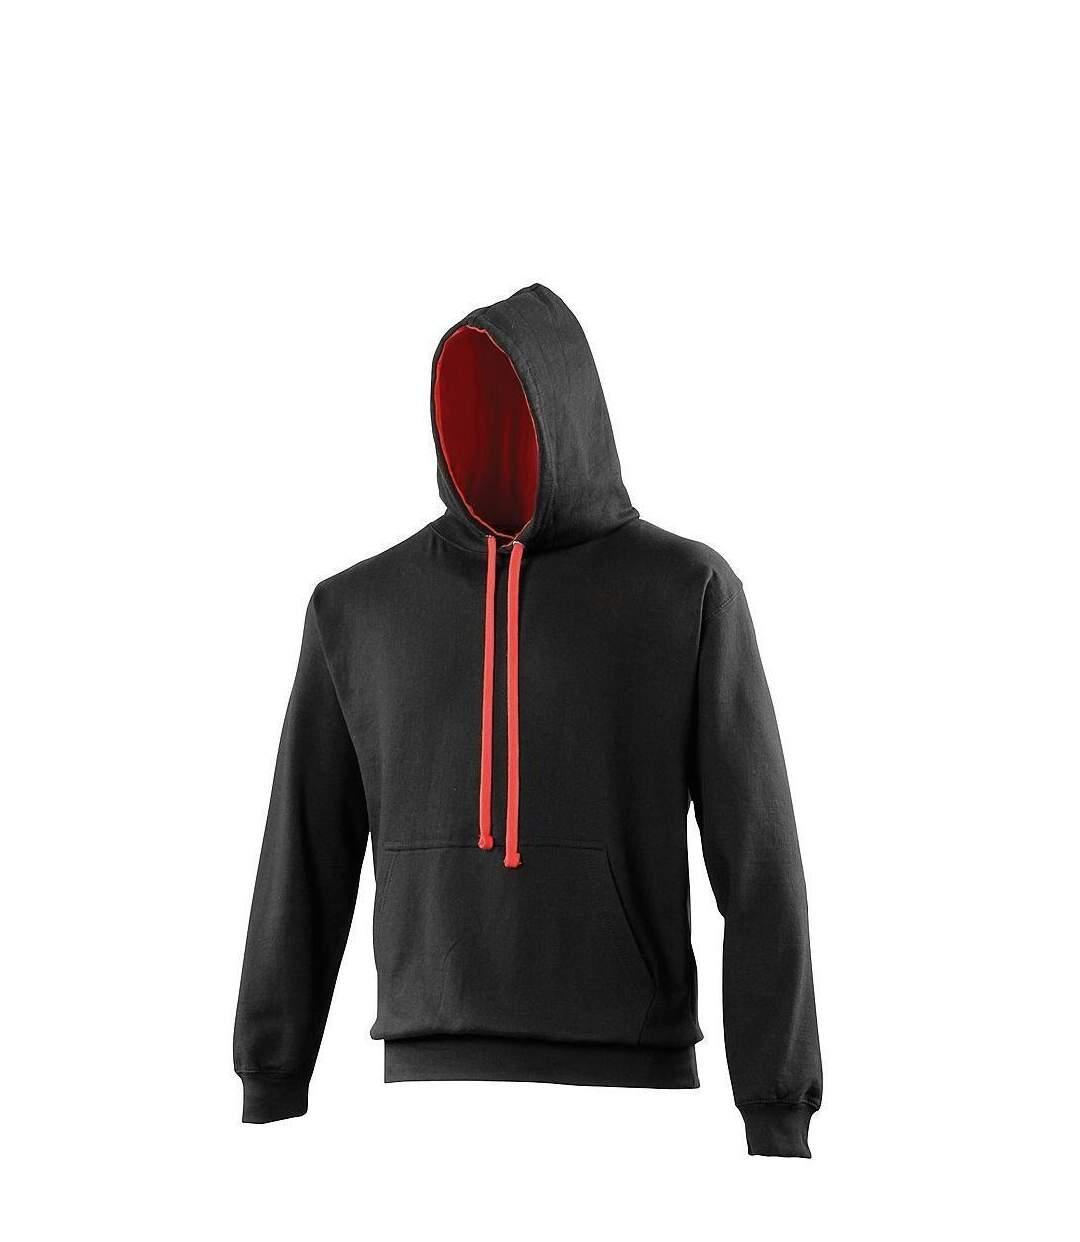 Sweat à capuche contrastée unisexe - JH003 - noir et rouge